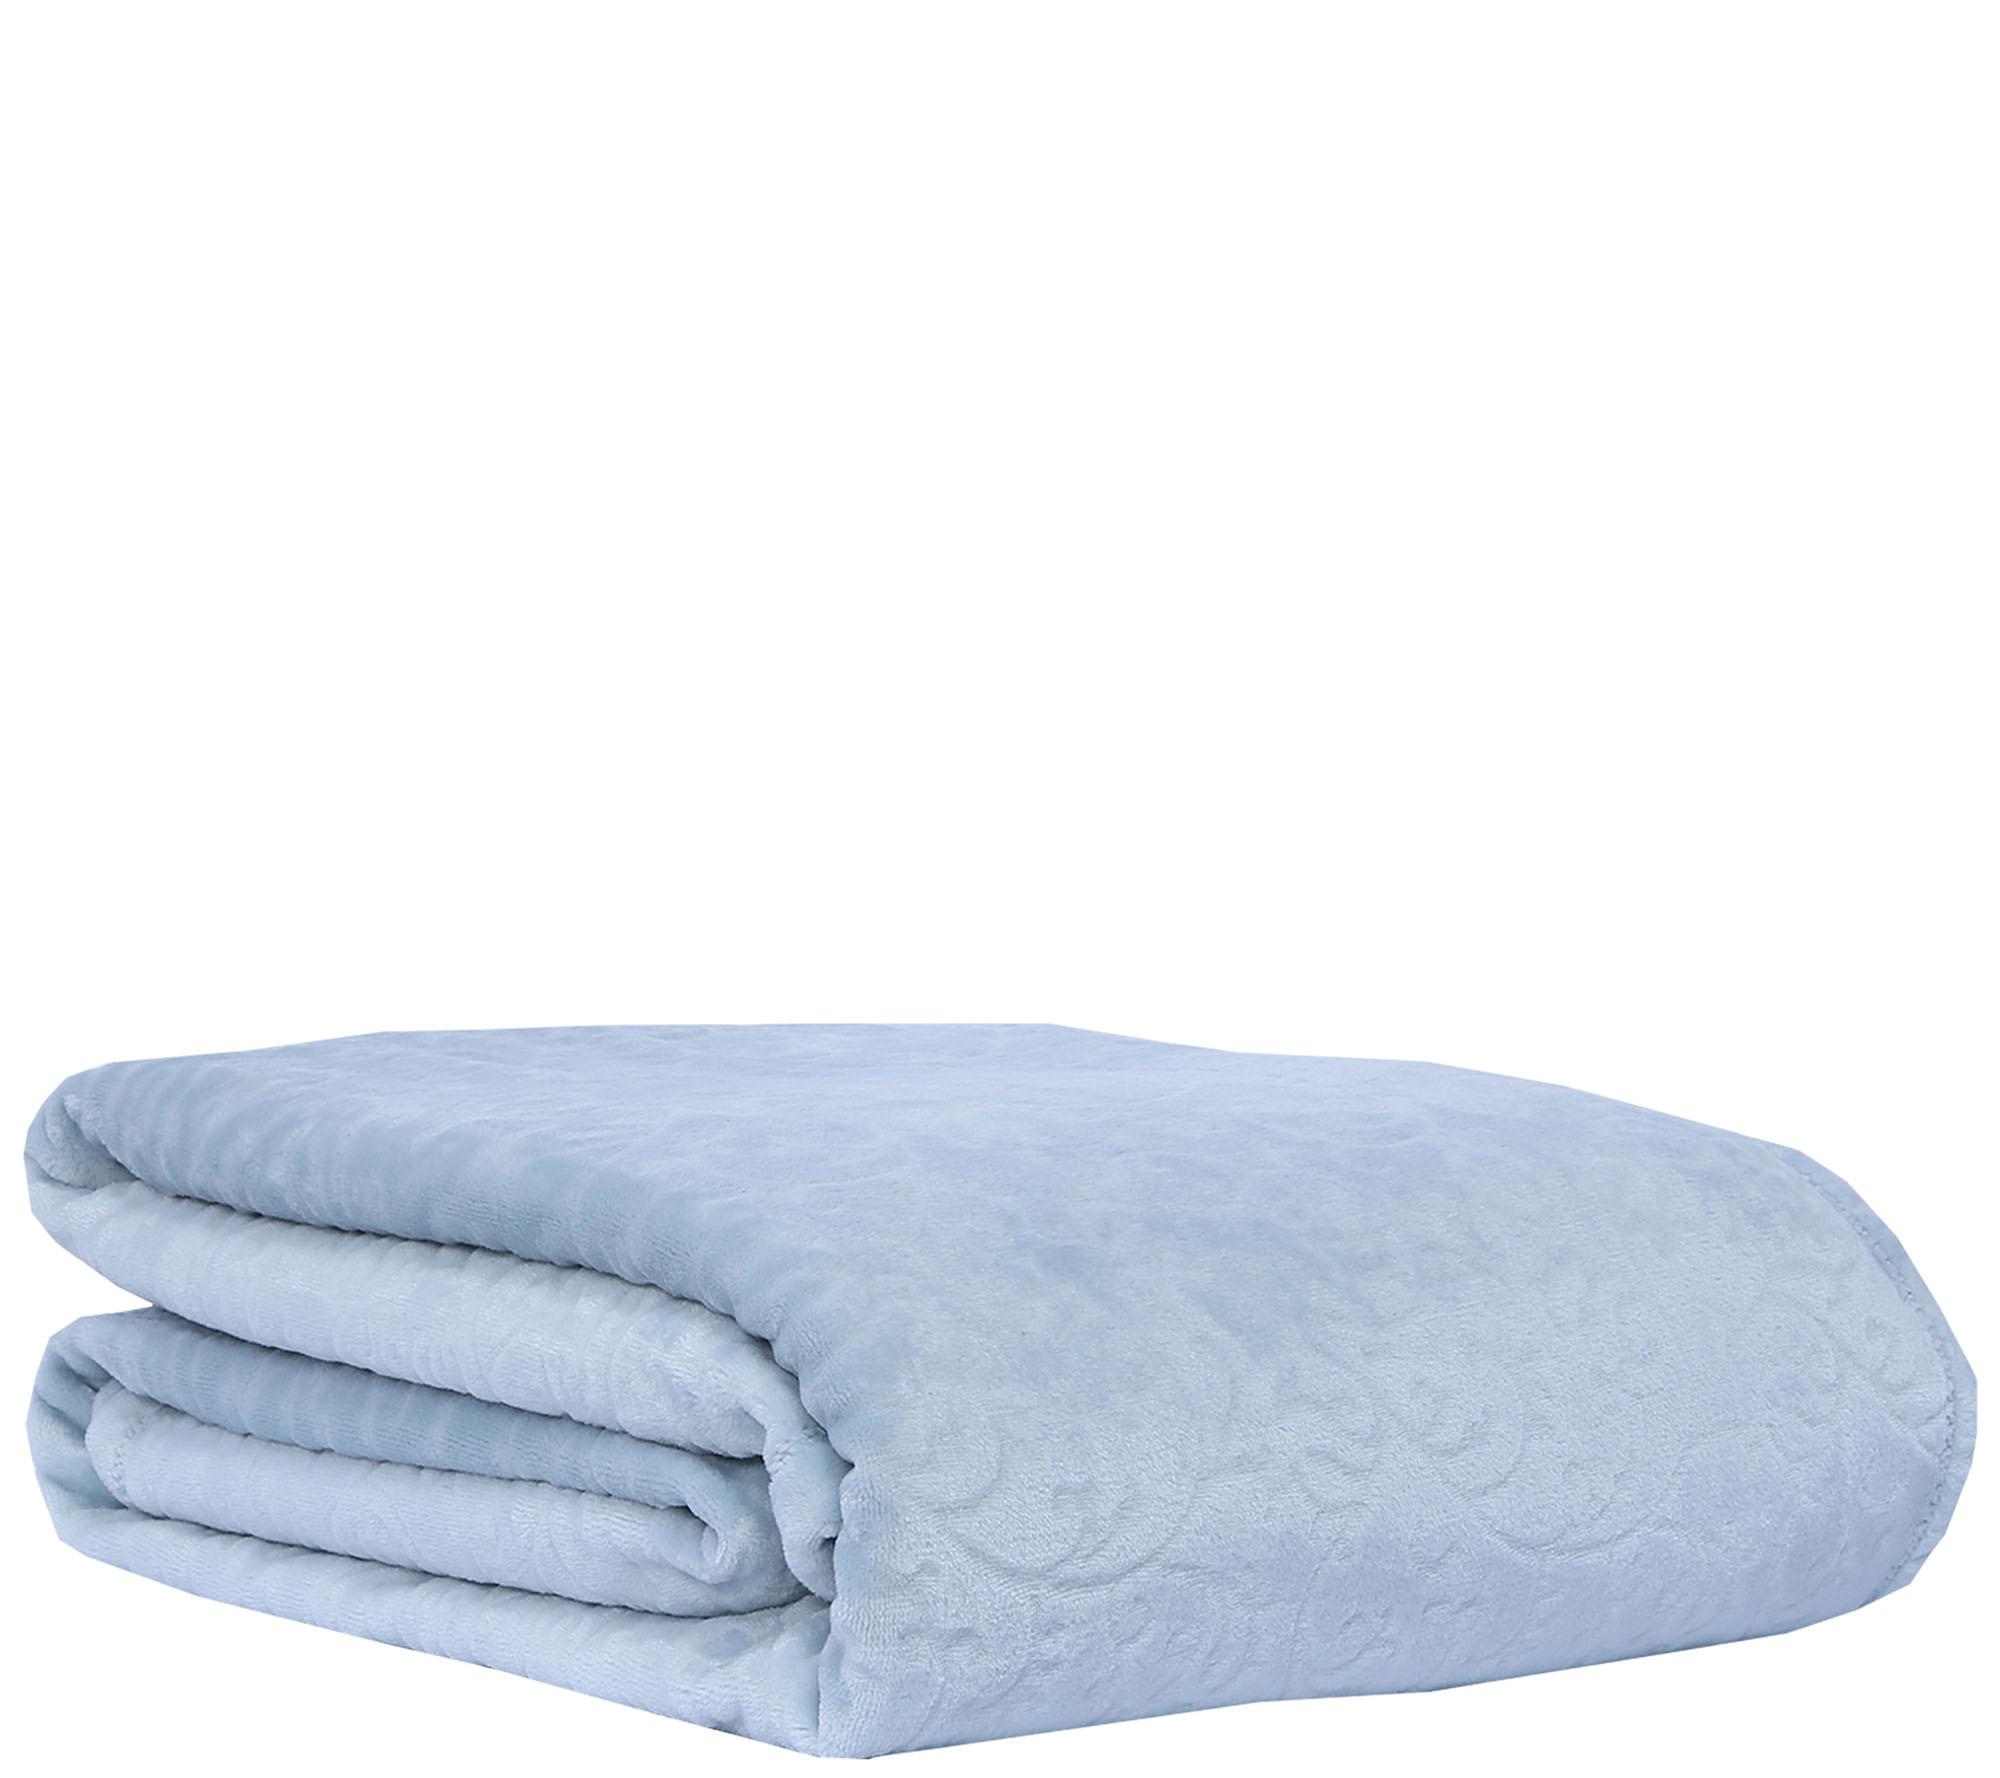 Berkshire Blanket VelvetLoft Scroll Plush Full/Queen Blanket — QVC.com